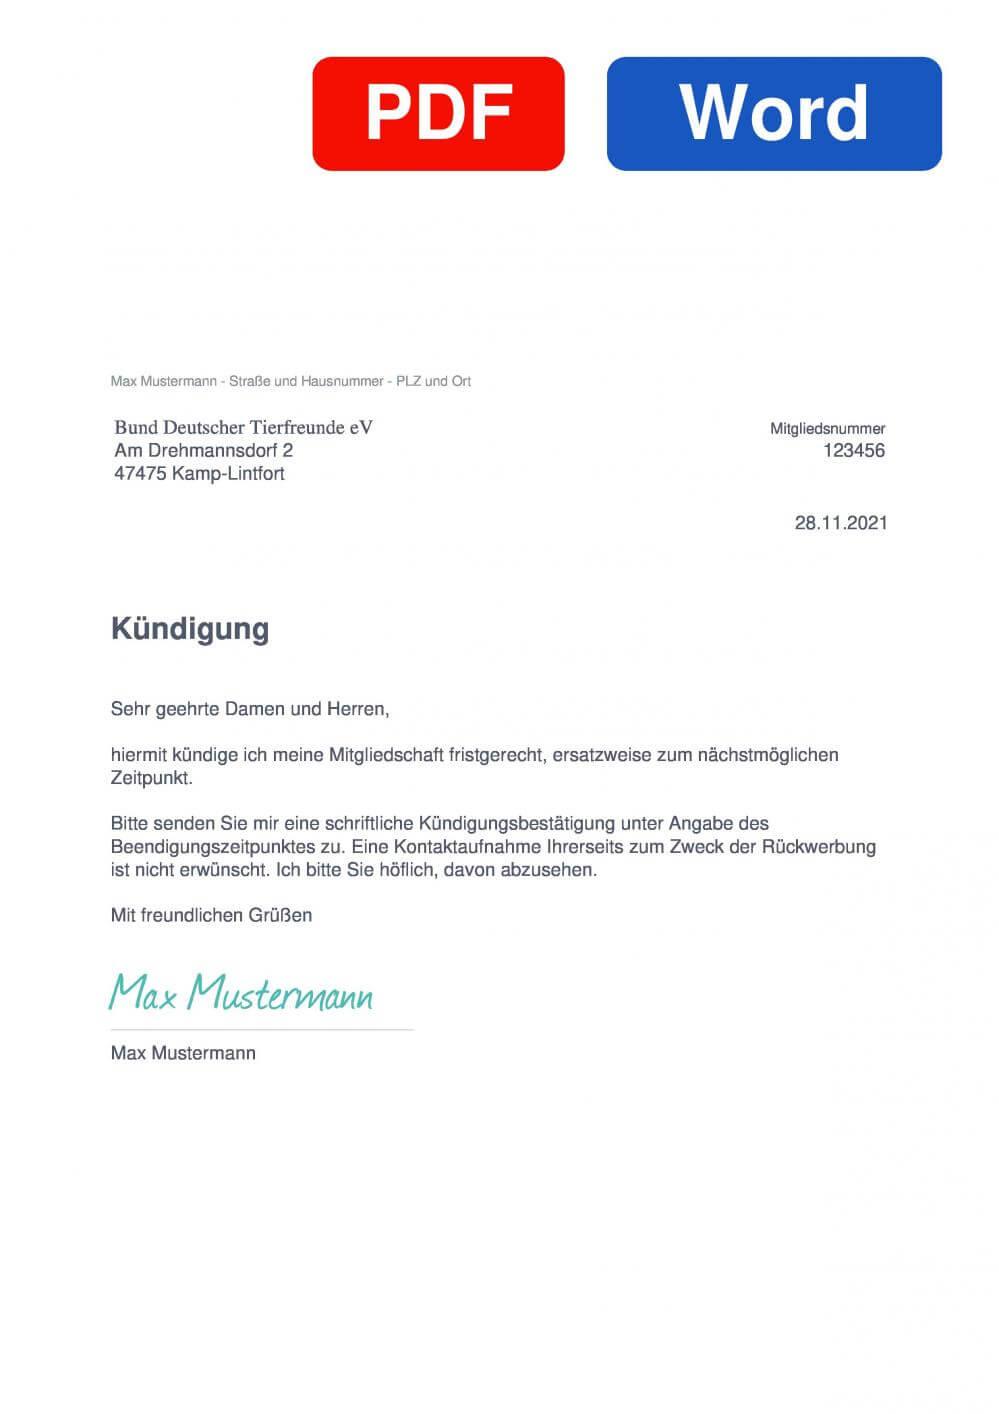 Bund Deutscher Tierfreunde Muster Vorlage für Kündigungsschreiben